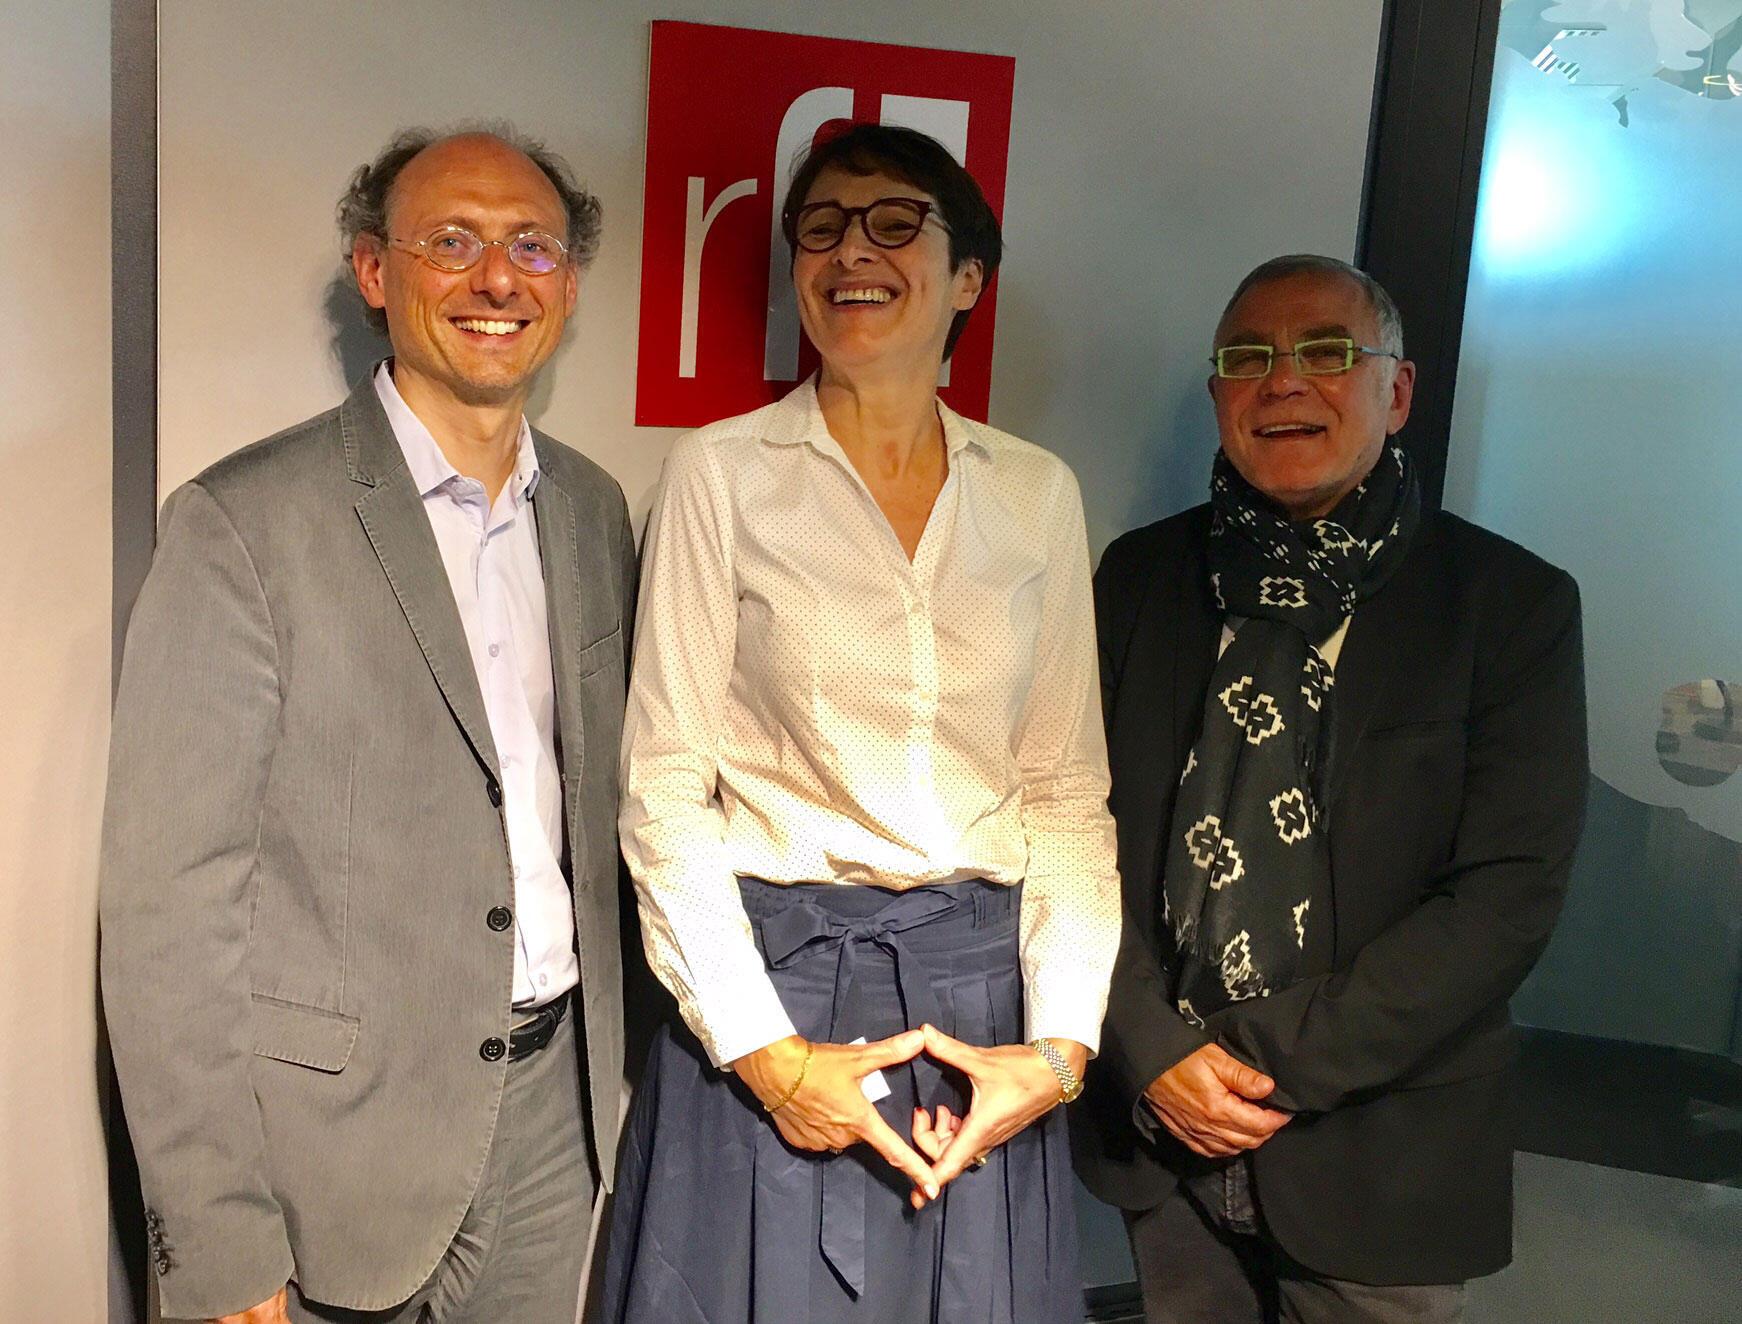 Marc-Olivier Padis, Hélène Miard-Delacroix, Daniel Desesquelle.